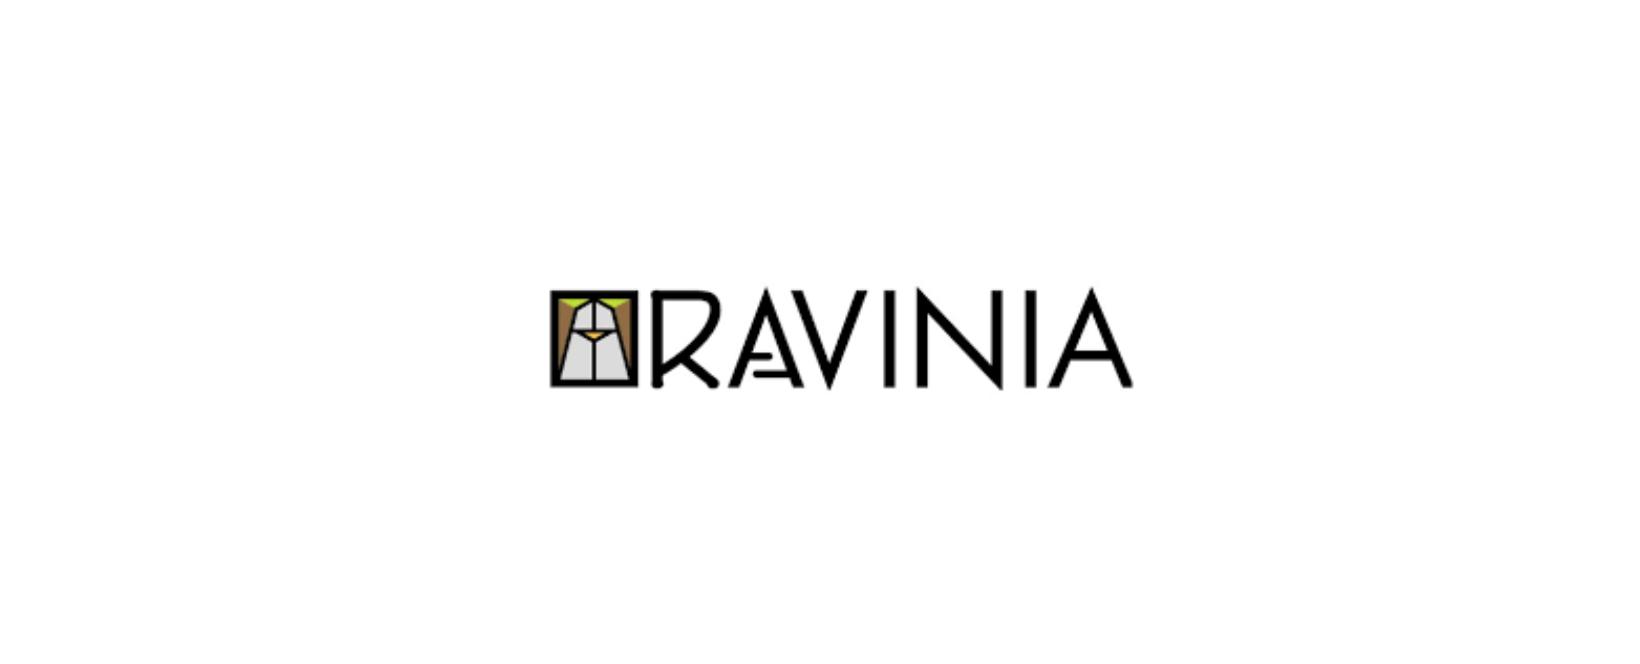 Revinia Discount Code 2021